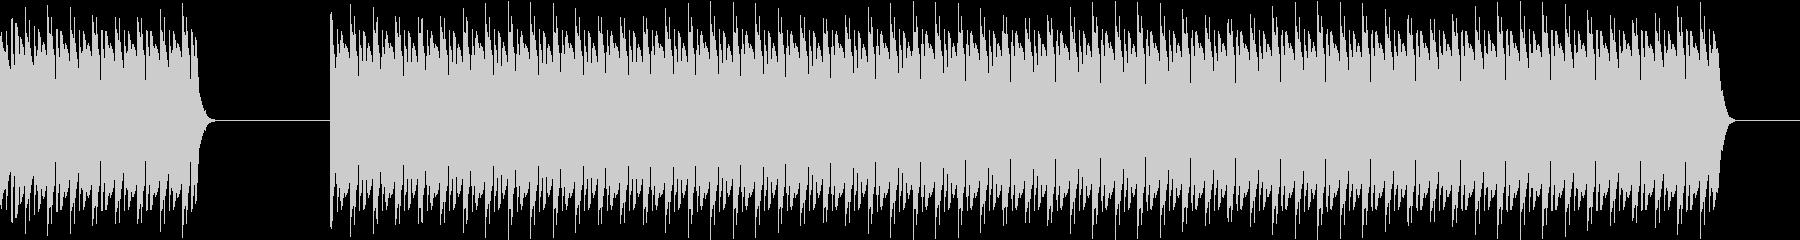 ブブー(不正解、間違い)の未再生の波形